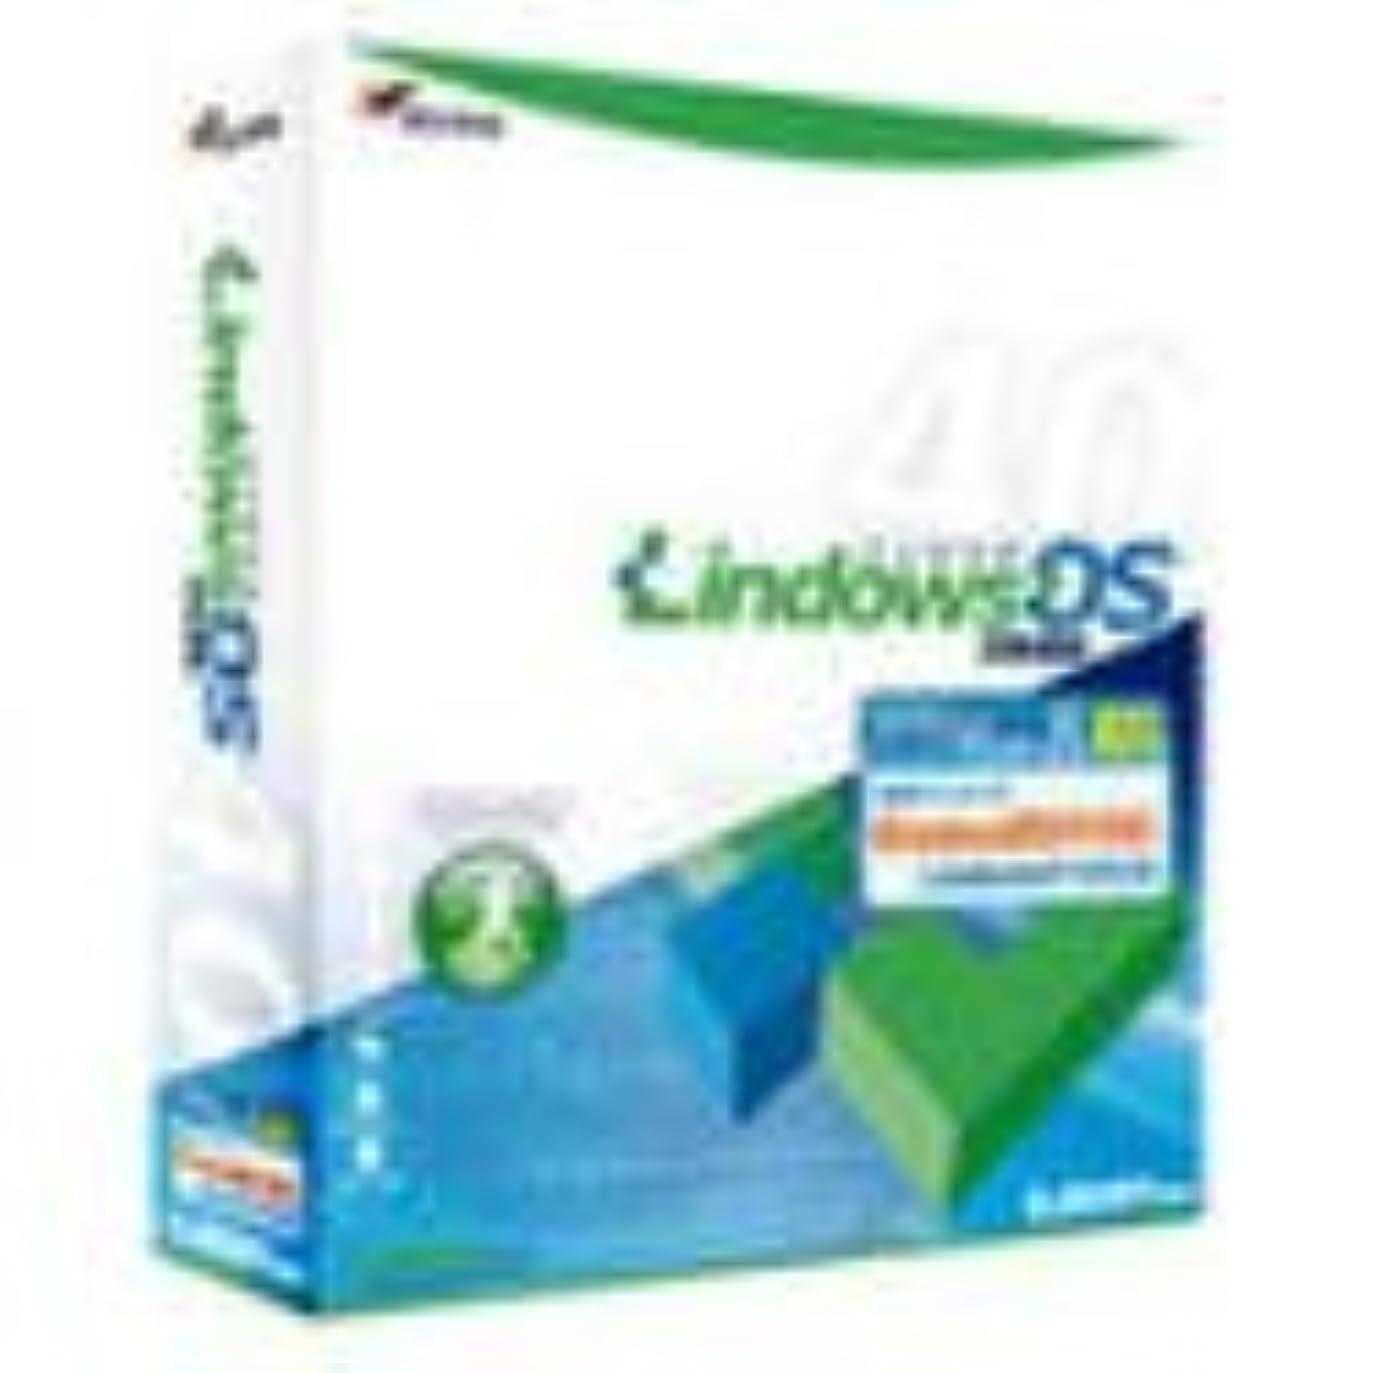 急速な地平線いつもLindowsOS 4.0 日本語版 パーティションコマンダー8 バンドルパック